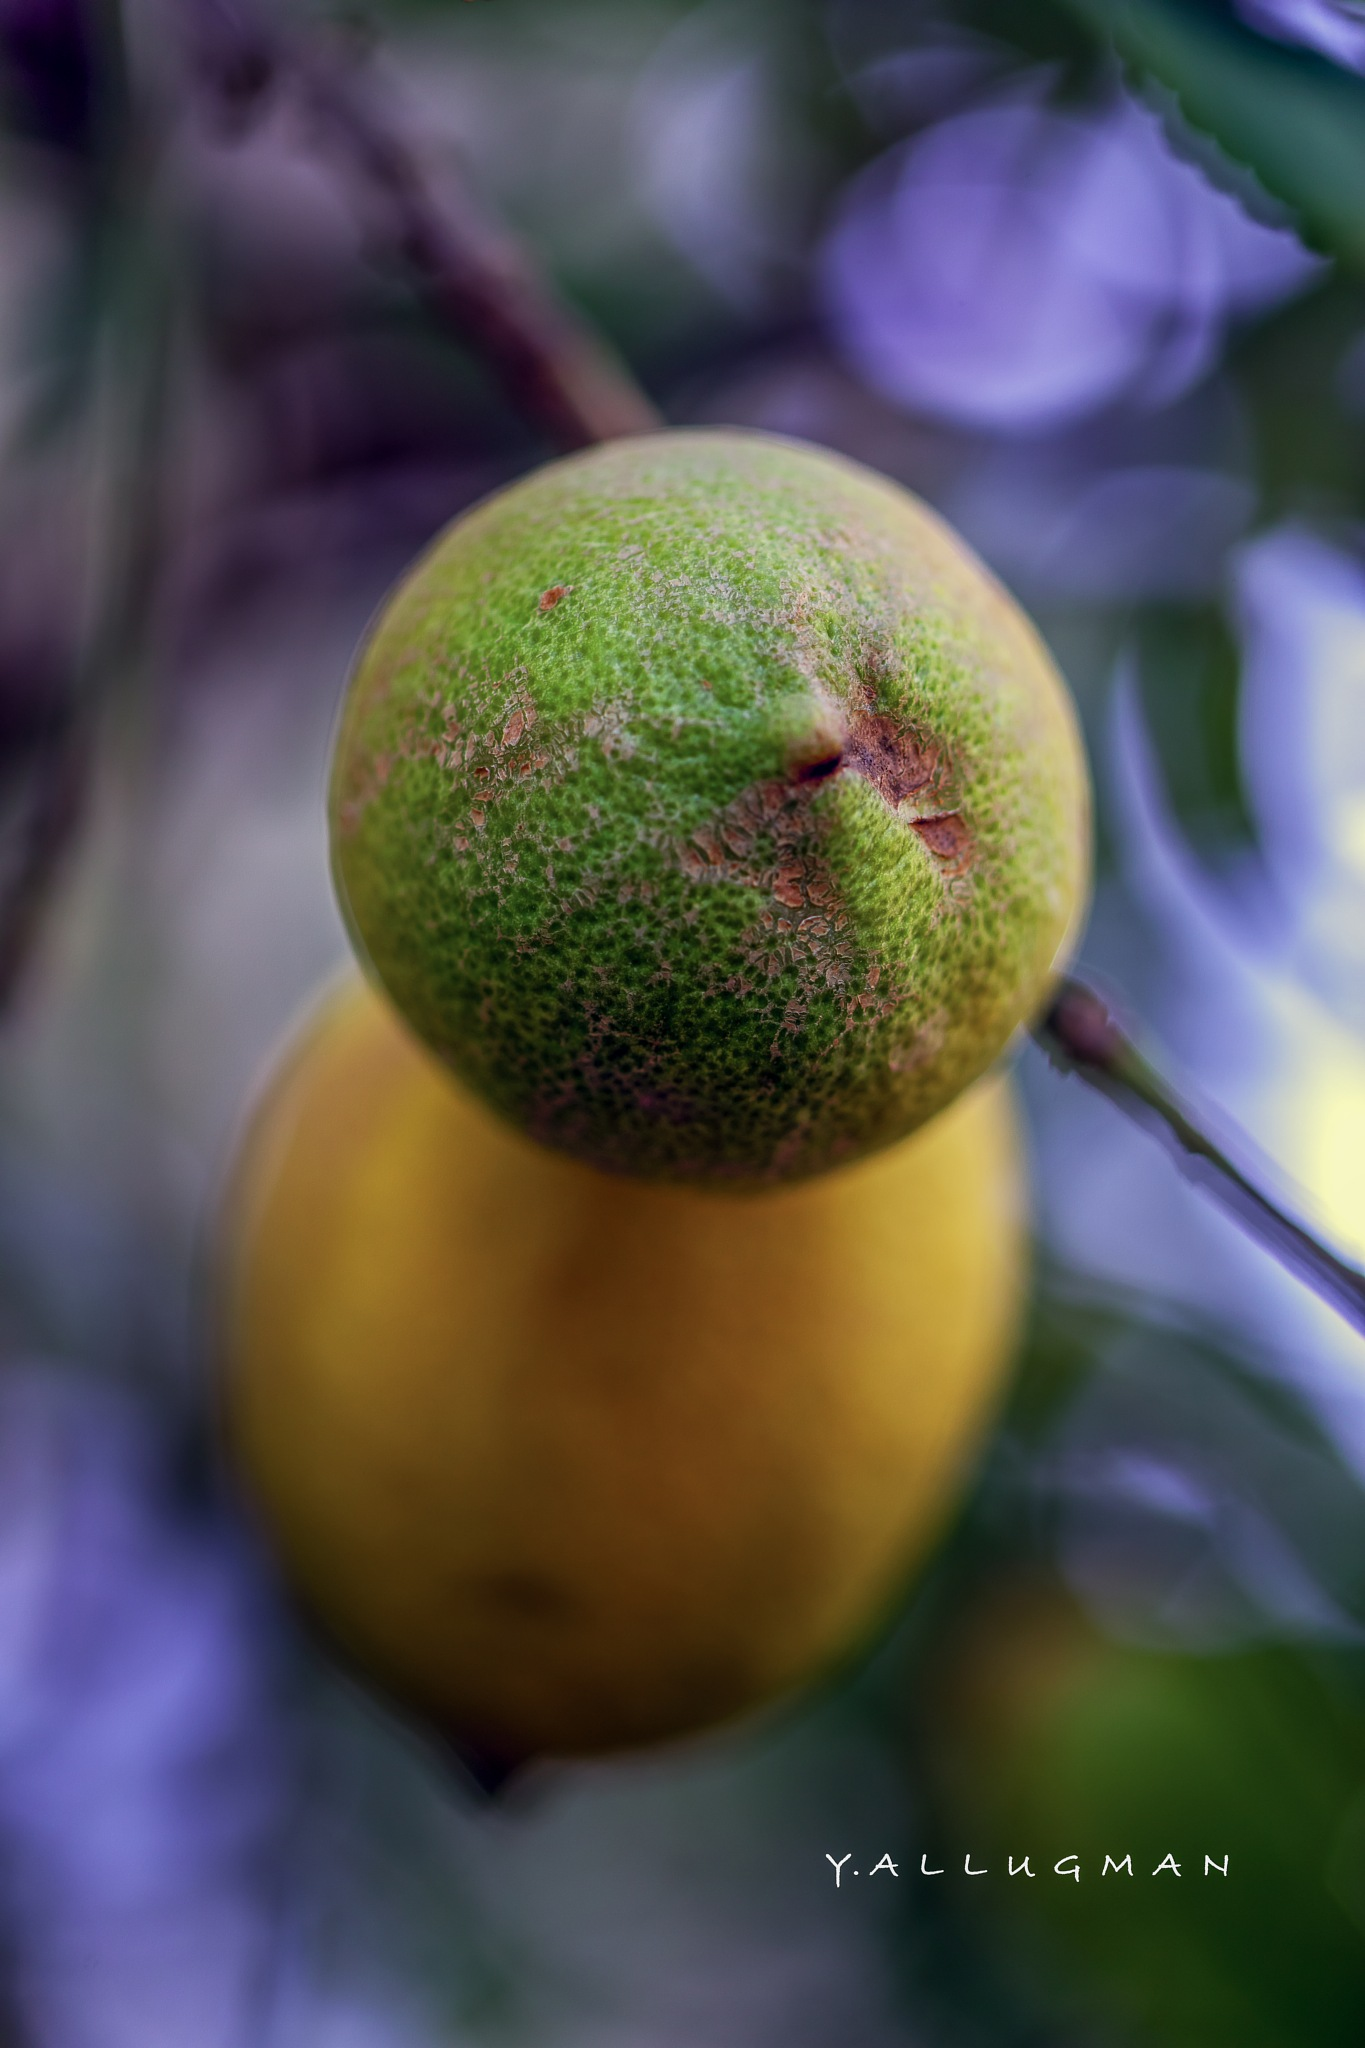 Lemon by Y.Allugman